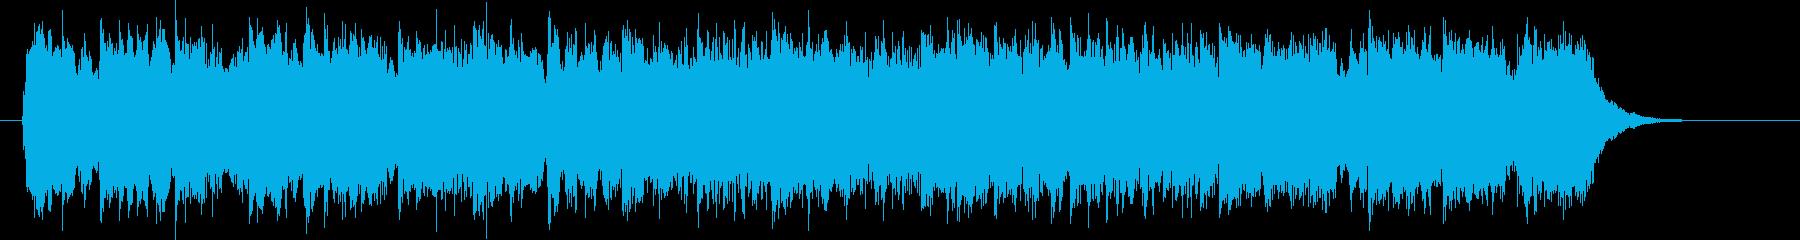 ホーンやシンセがドラマチックな楽曲の再生済みの波形